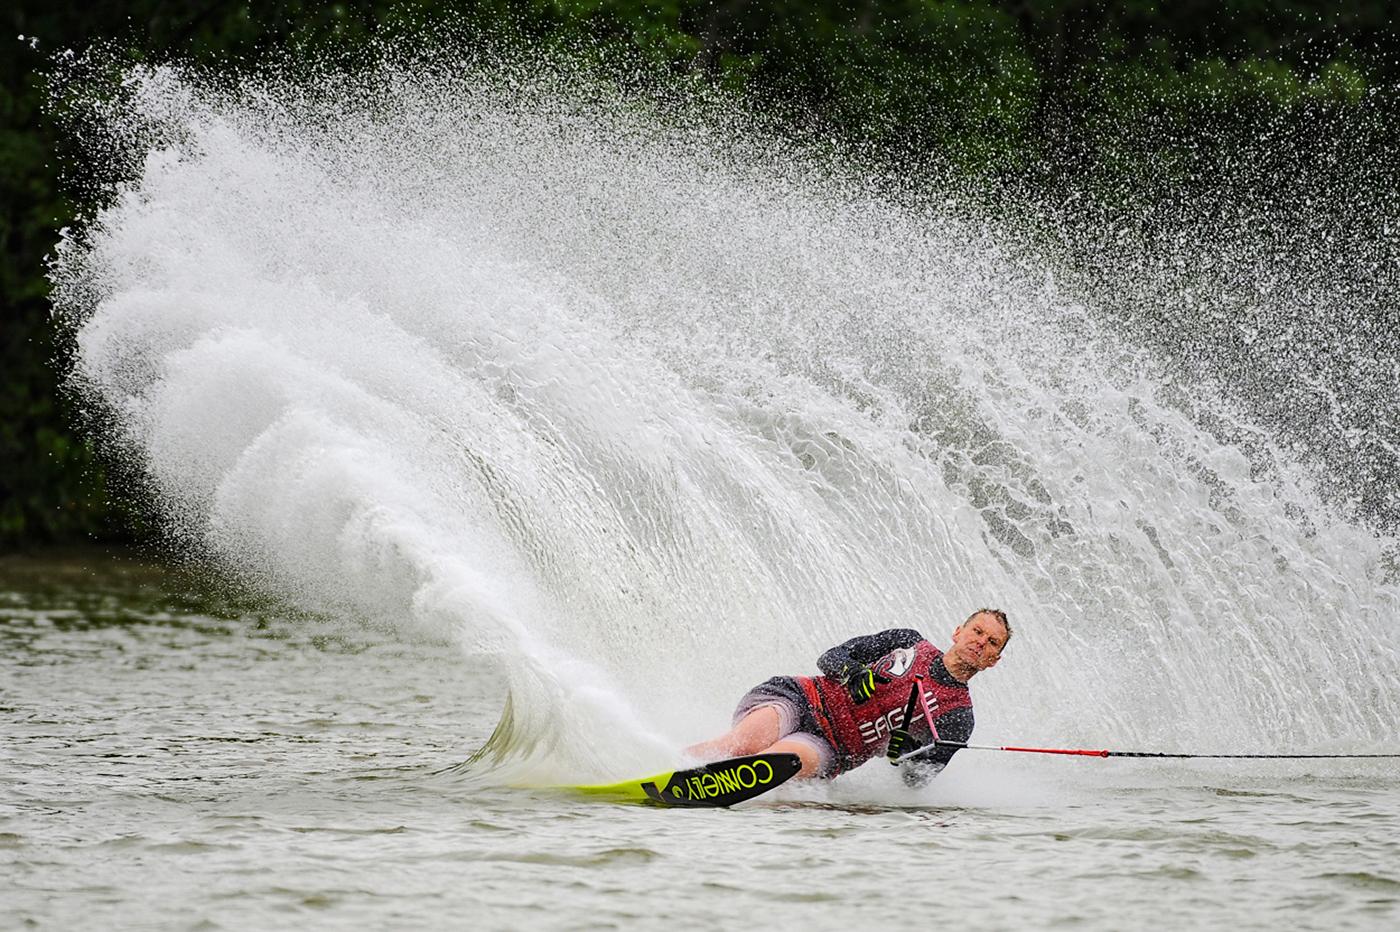 Water Ski Rides